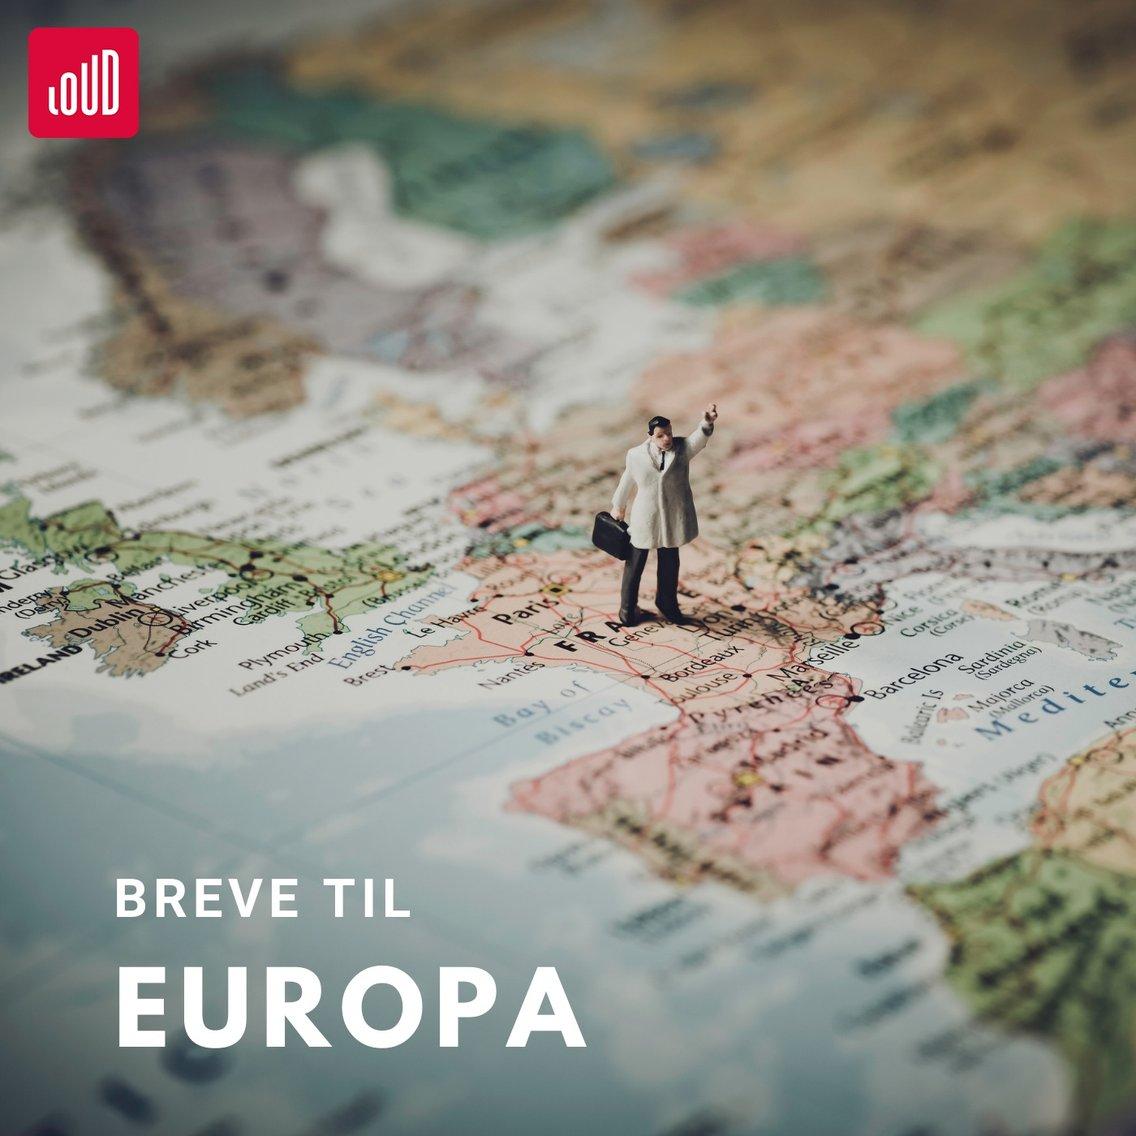 Breve til Europa - immagine di copertina